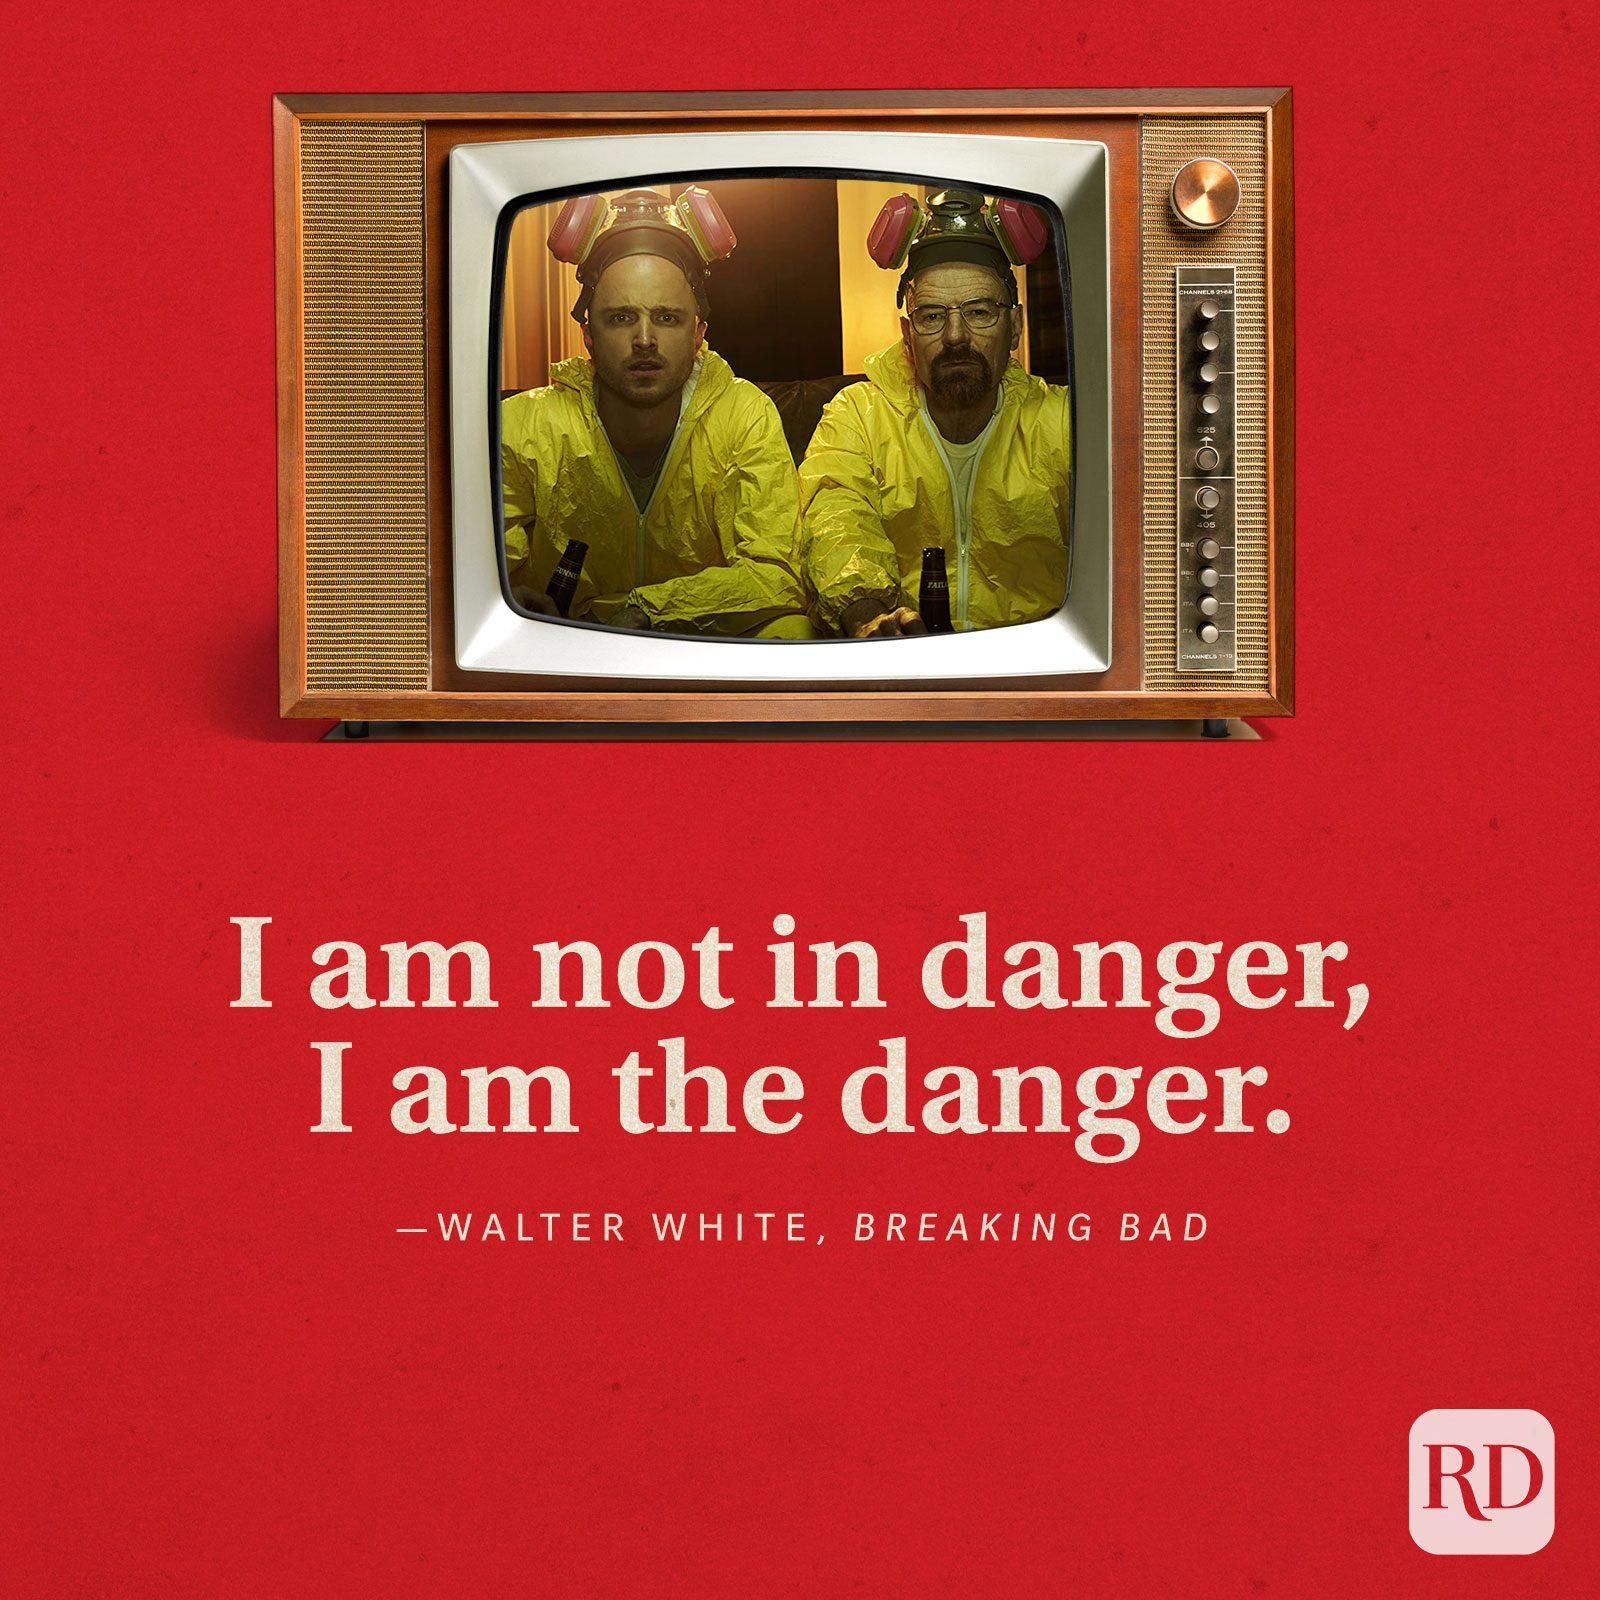 """""""I am not in danger, I am the danger."""" -Walter White in Breaking Bad."""